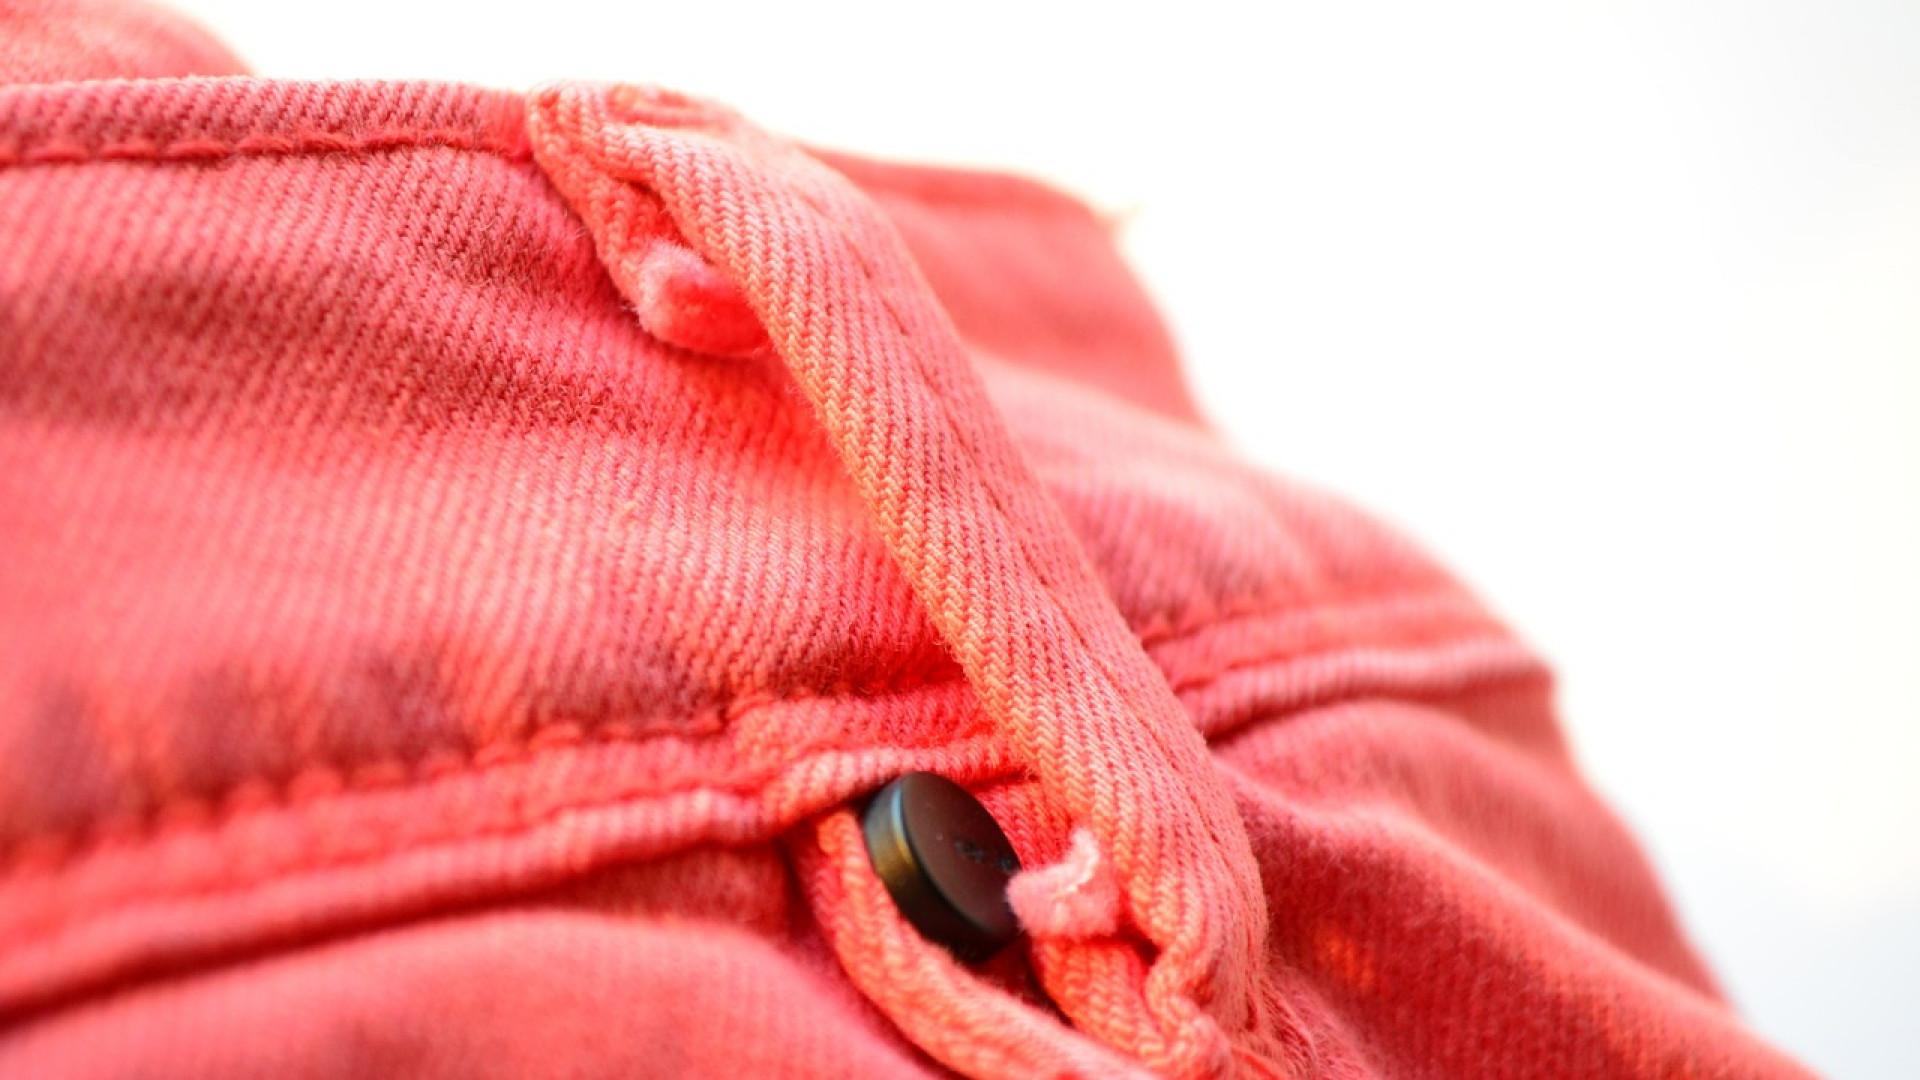 comment-porter-pantalon-78-eme-saison-automnale.png